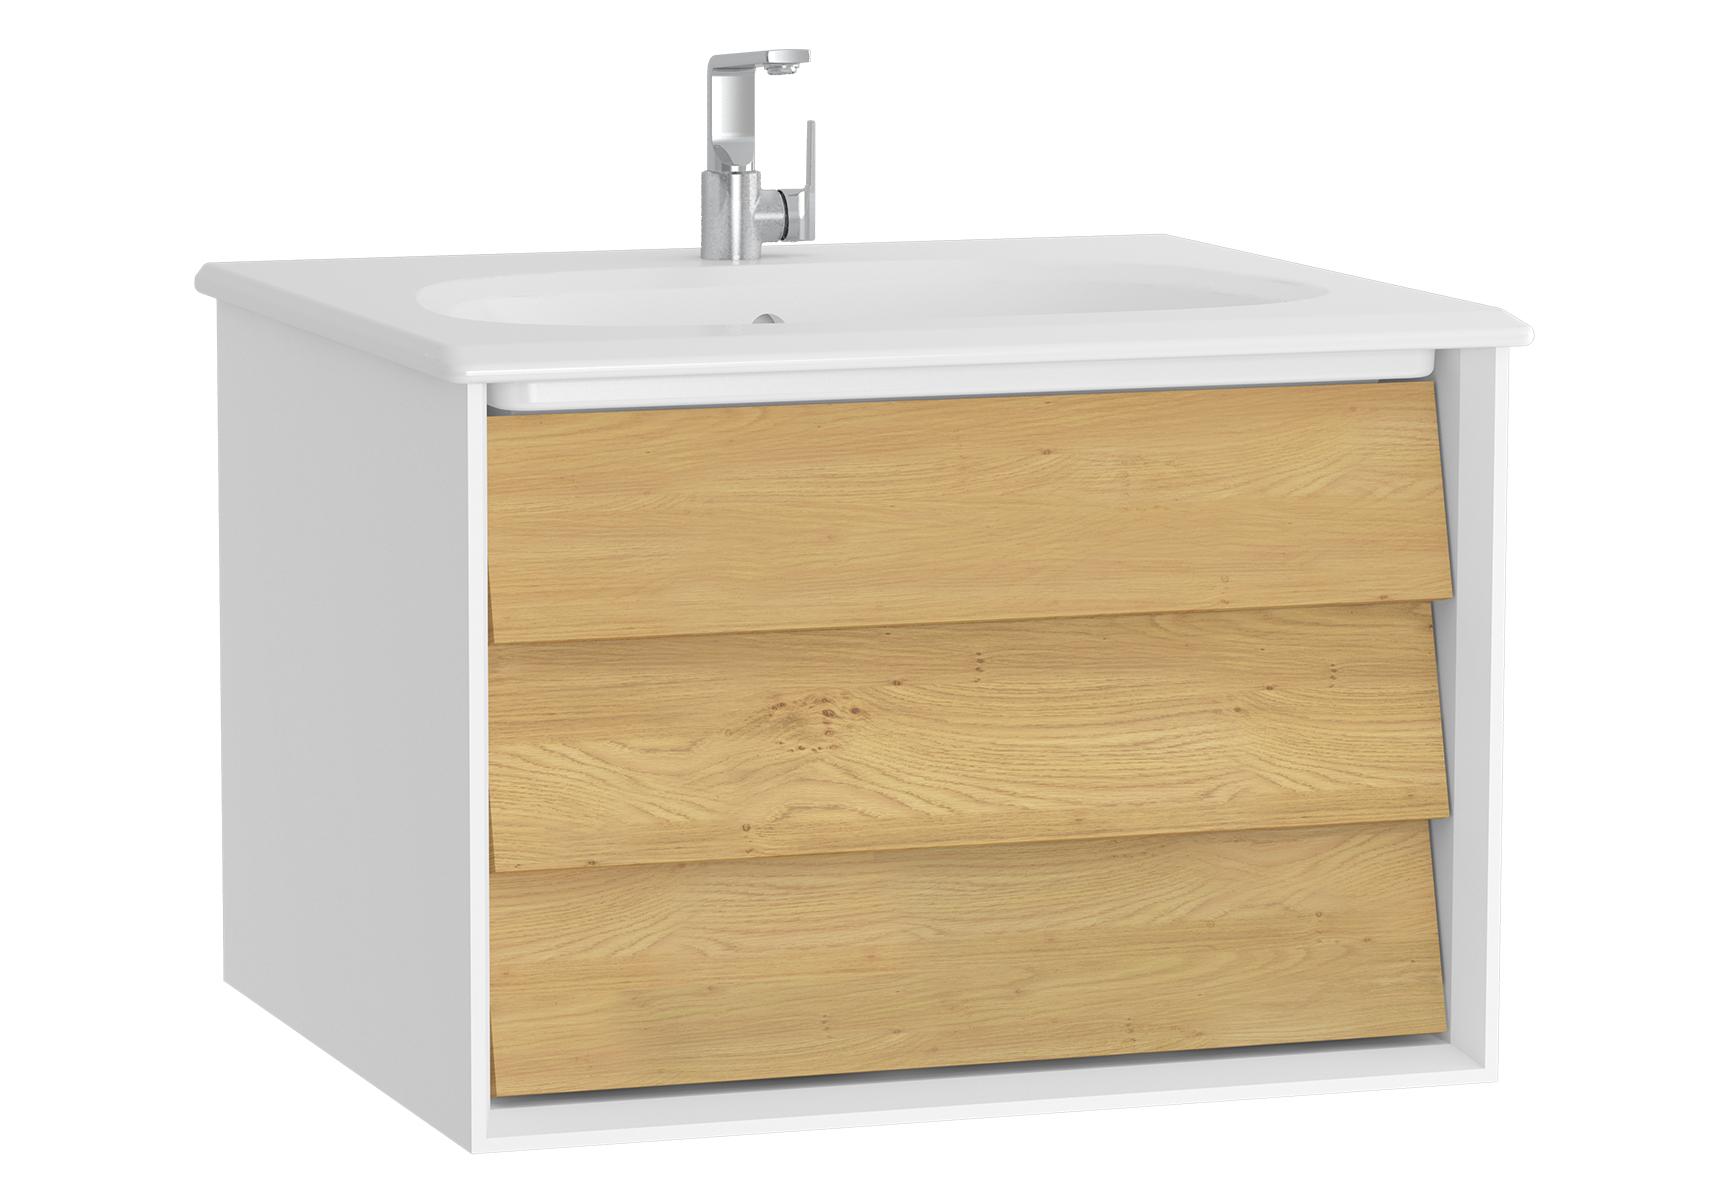 Frame meuble avec plan céramique, 62,5 cm, chêne doré, mat blanc, avec blanc plan céramique